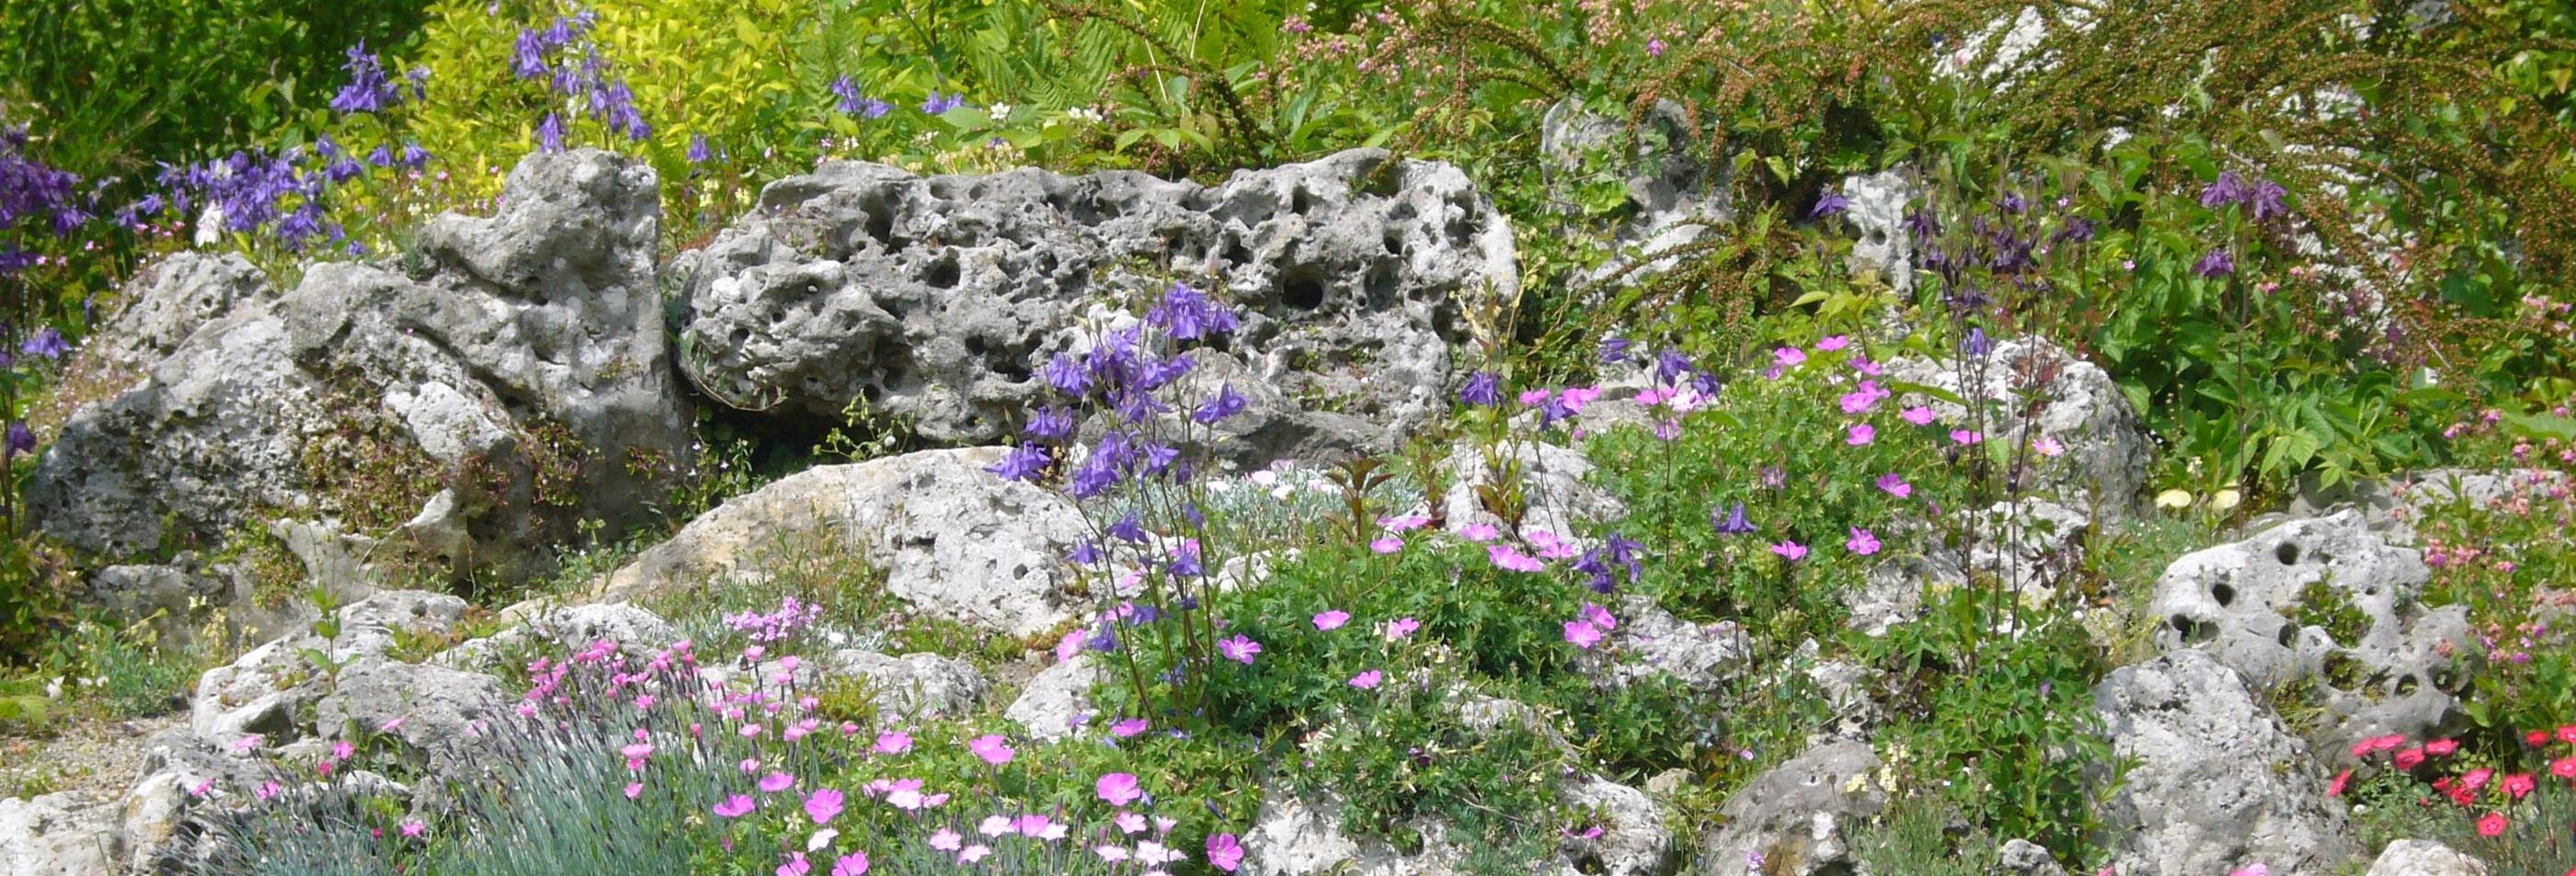 Startseite - Steingartenpflanzen anlegen ...